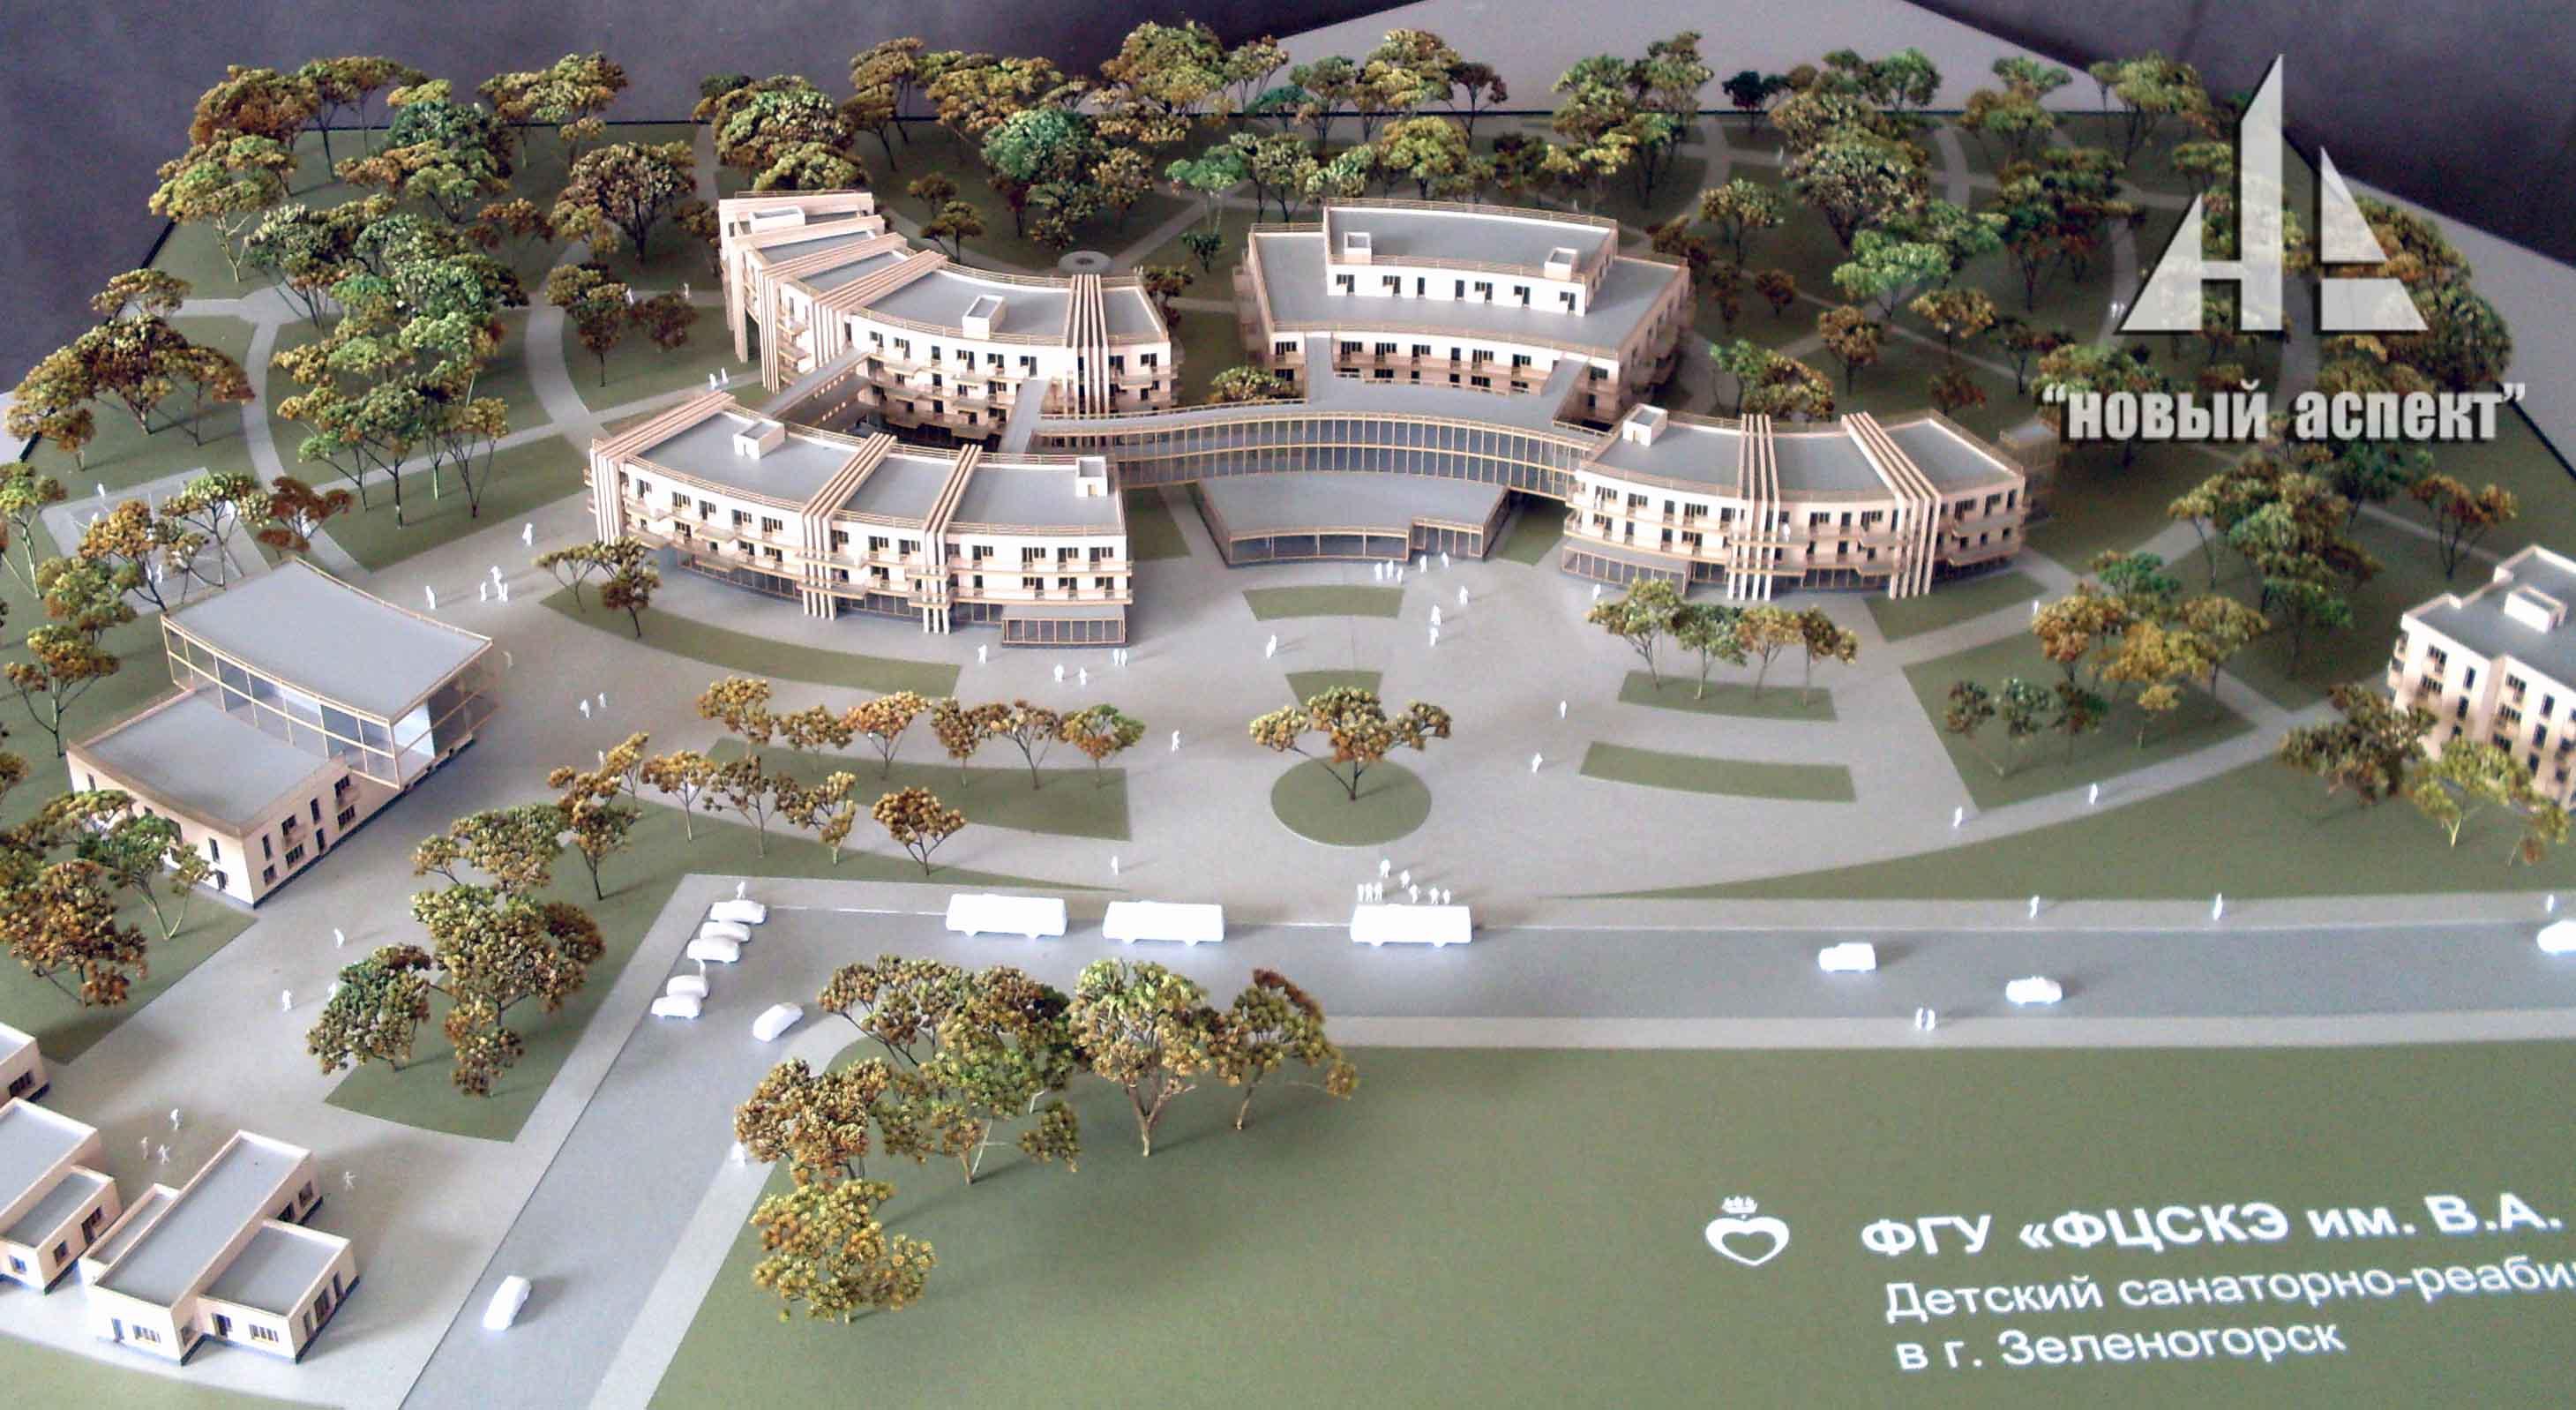 Макеты общественных зданий Зеленогорск (2)